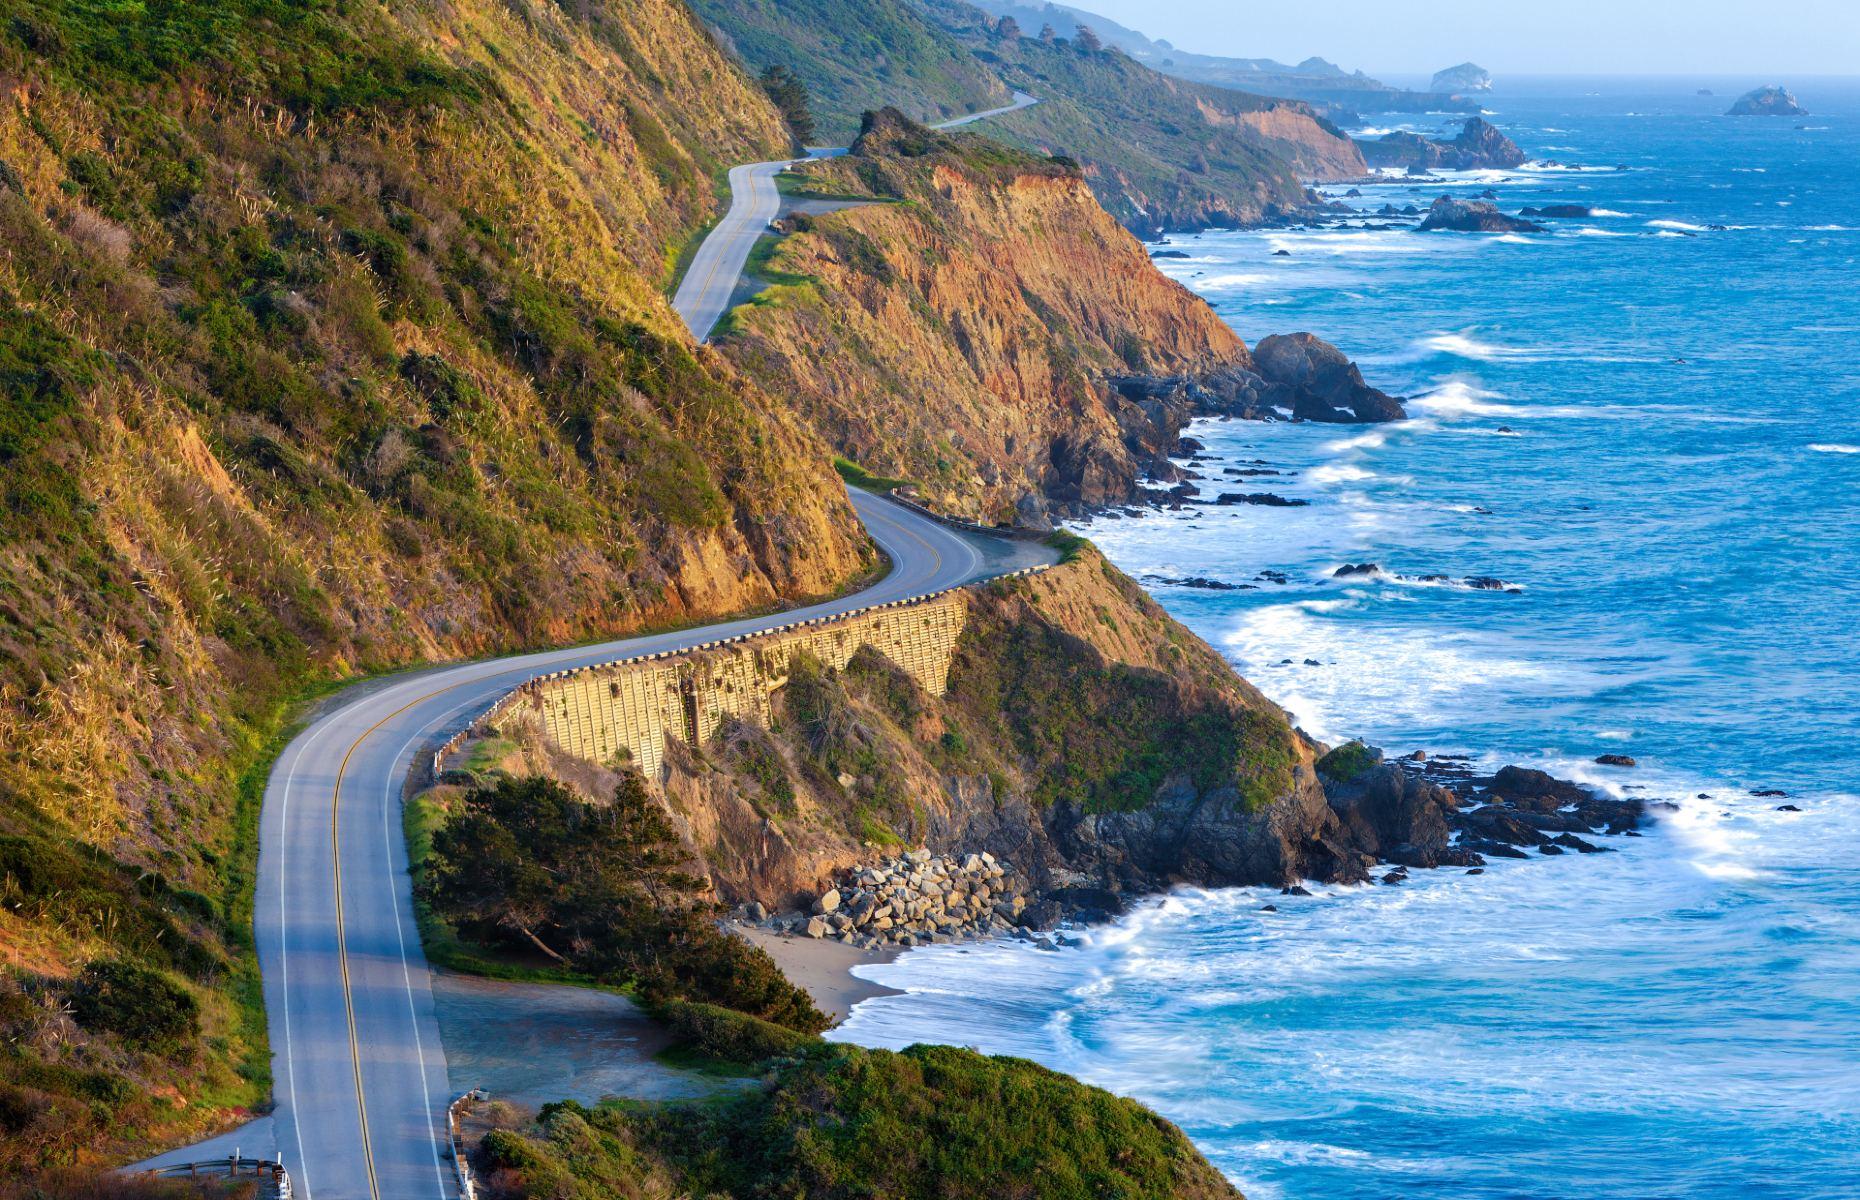 Big Sur route overlooking the ocean (Image: Doug Meek/Shutterstock)